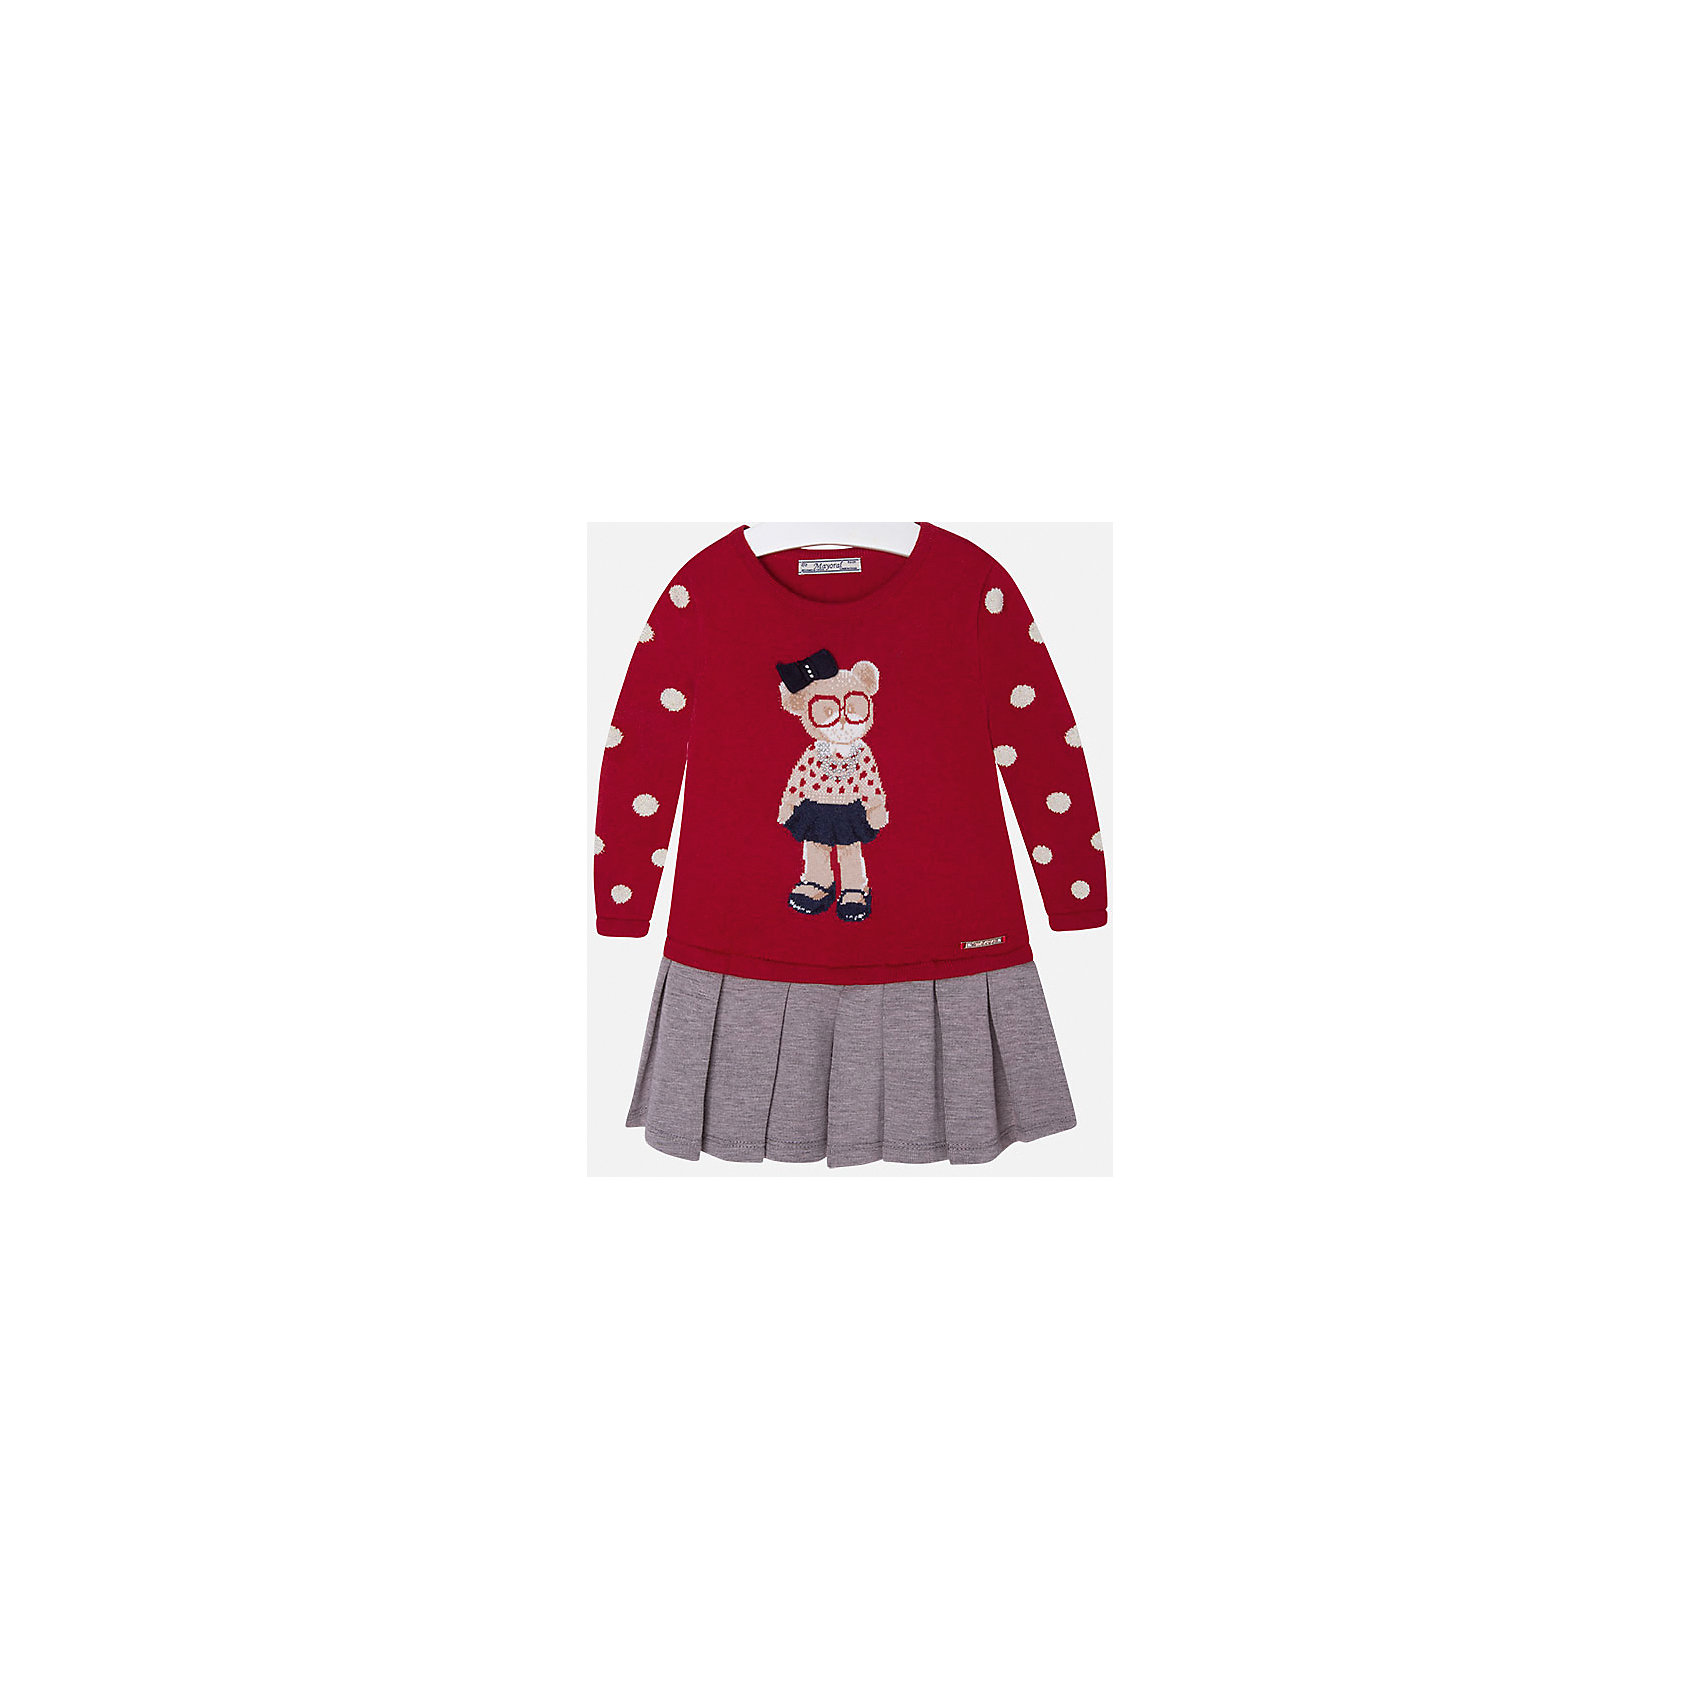 Платье для девочки MayoralПлатья и сарафаны<br>Платье для девочки от известного испанского бренда Mayoral(Майорал). Платье с длинным рукавом, украшено рисунком с медвежонком и стразами. Контрастная расцветка подчеркнет индивидуальность и стиль ребенка. Отличный выбор для маленькой модницы!<br>-длинные рукава<br>-украшено рисунком и стразами<br>-цвет: красный/серый<br>-состав. 57% хлопок, 22% полиамид, 13% полиэстер, 8% шерсть; подкладка: 65% полиэстер, 35% хлопок<br>Платье Mayoral(Майорал) можно приобрести в нашем интернет-магазине.<br><br>Ширина мм: 236<br>Глубина мм: 16<br>Высота мм: 184<br>Вес г: 177<br>Цвет: красный<br>Возраст от месяцев: 18<br>Возраст до месяцев: 24<br>Пол: Женский<br>Возраст: Детский<br>Размер: 92,116,110,134,98,128,104,122<br>SKU: 4844441